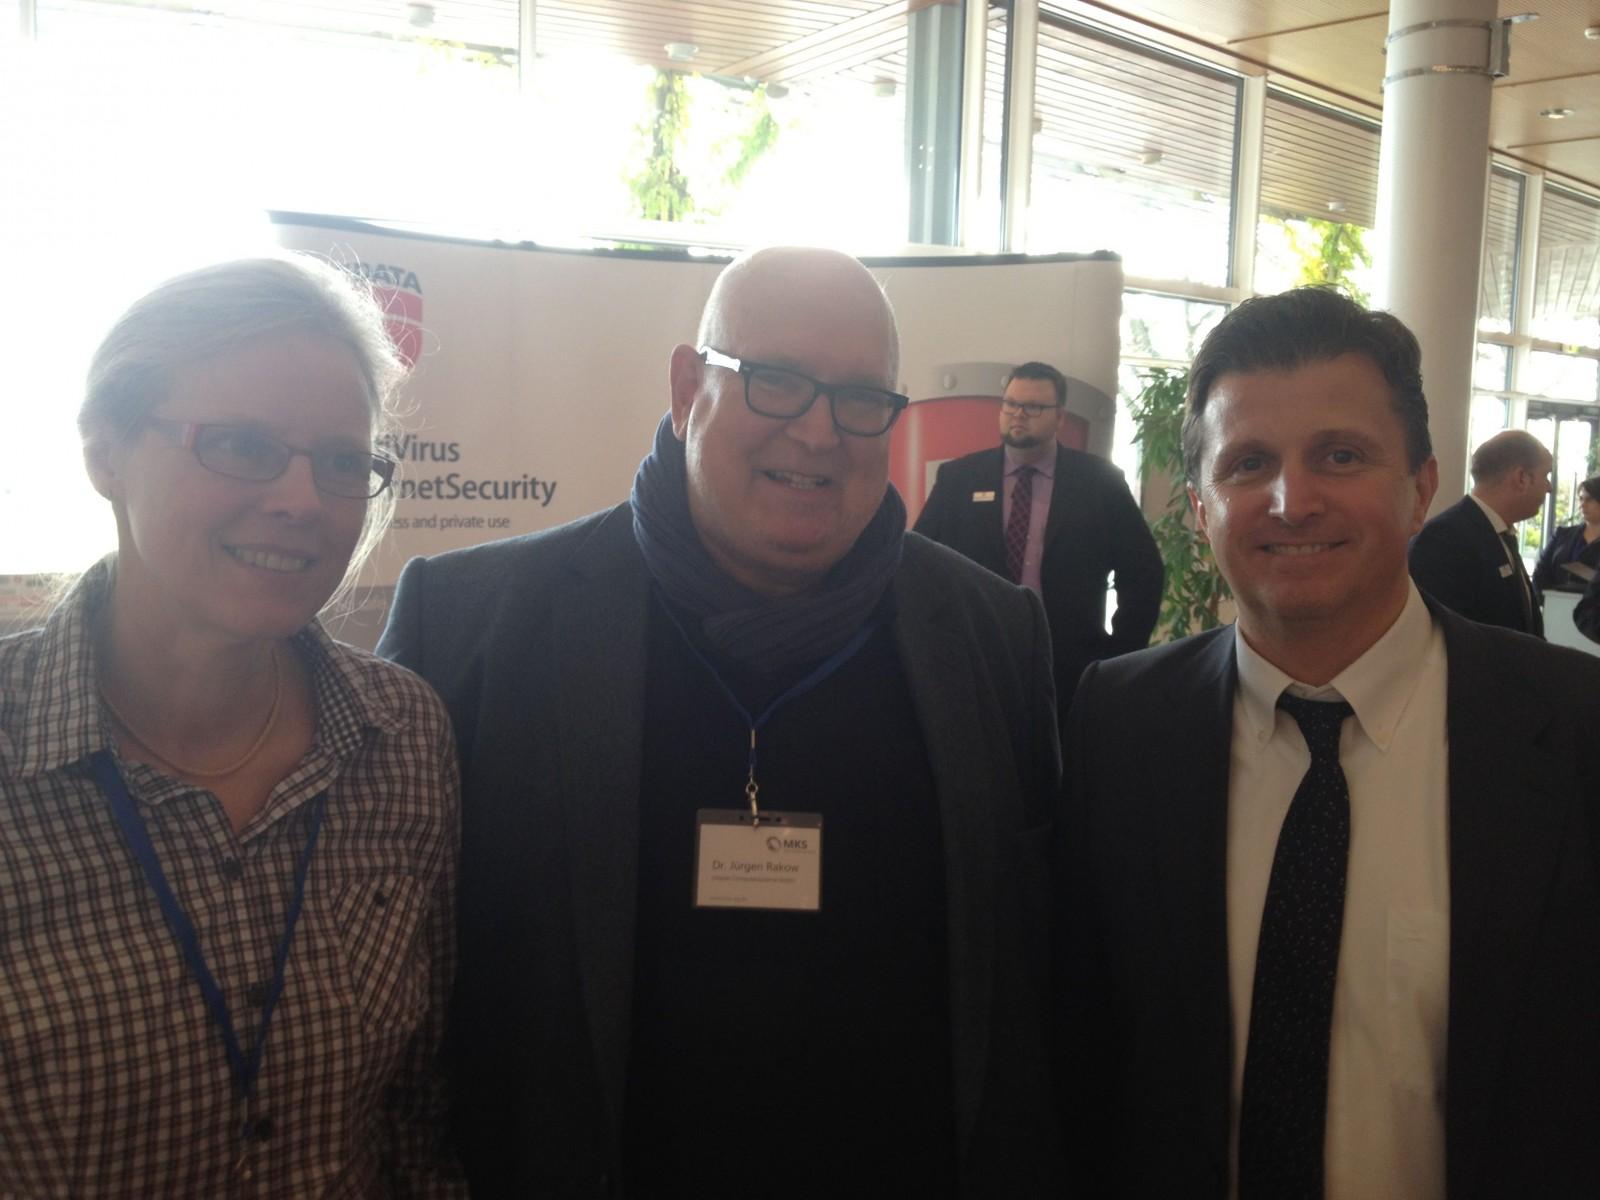 Prominenter Besuch in Friedrichshafen: Der ehemalige Vobis-Chef Jürgen Rakow mit seiner Frau Gabriele (beide Chipset Computersysteme) und MKS-Chef Michael Kempf.